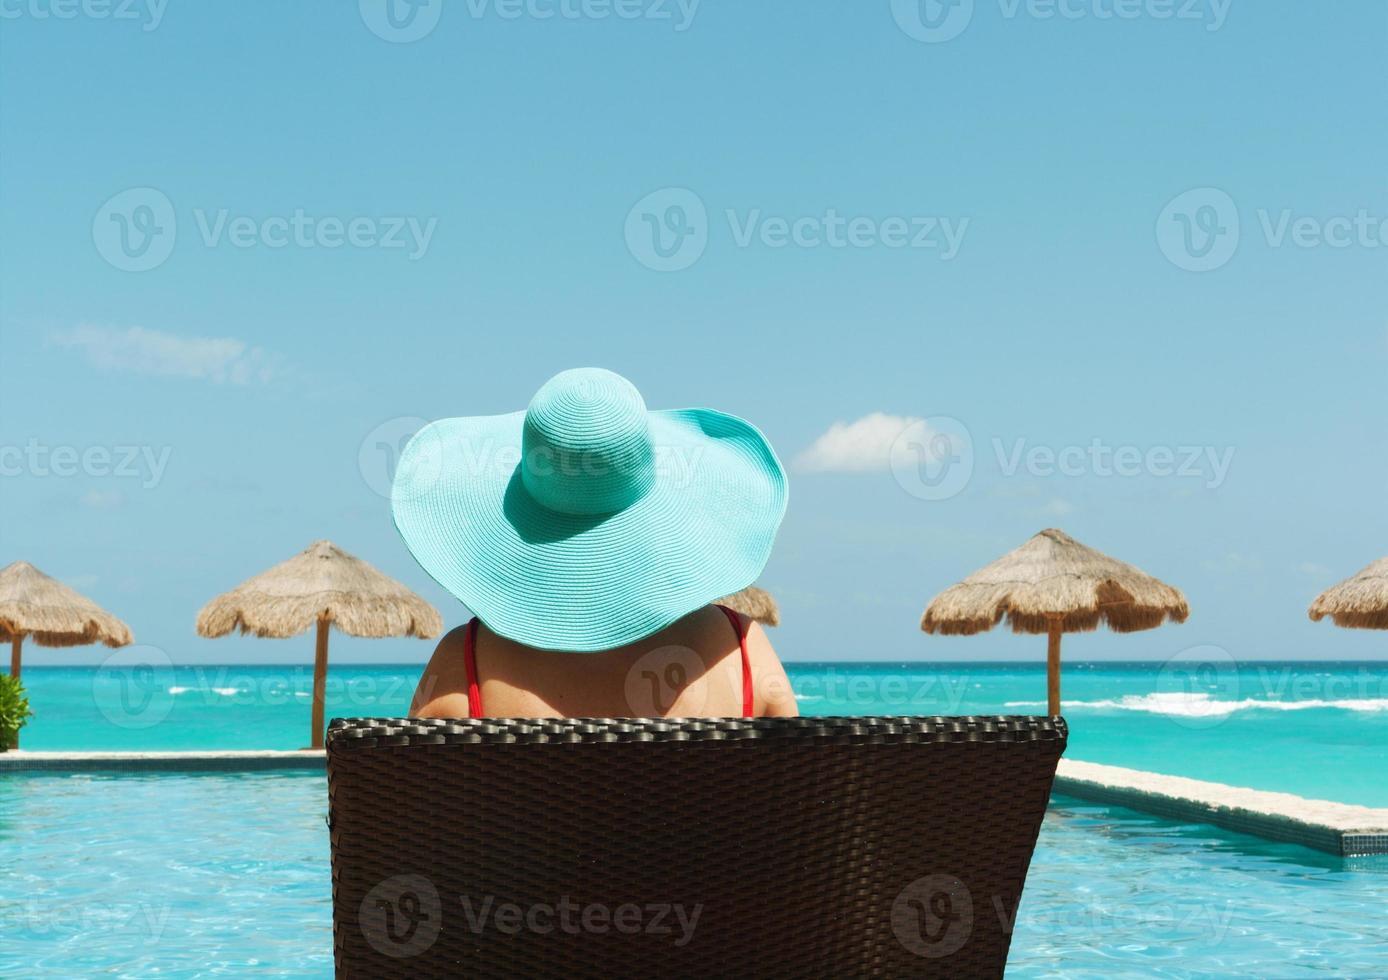 tropischer Strandurlaub Sonnenanbeter mit Blick auf Schwimmbad, Palapas, Karibisches Meer foto